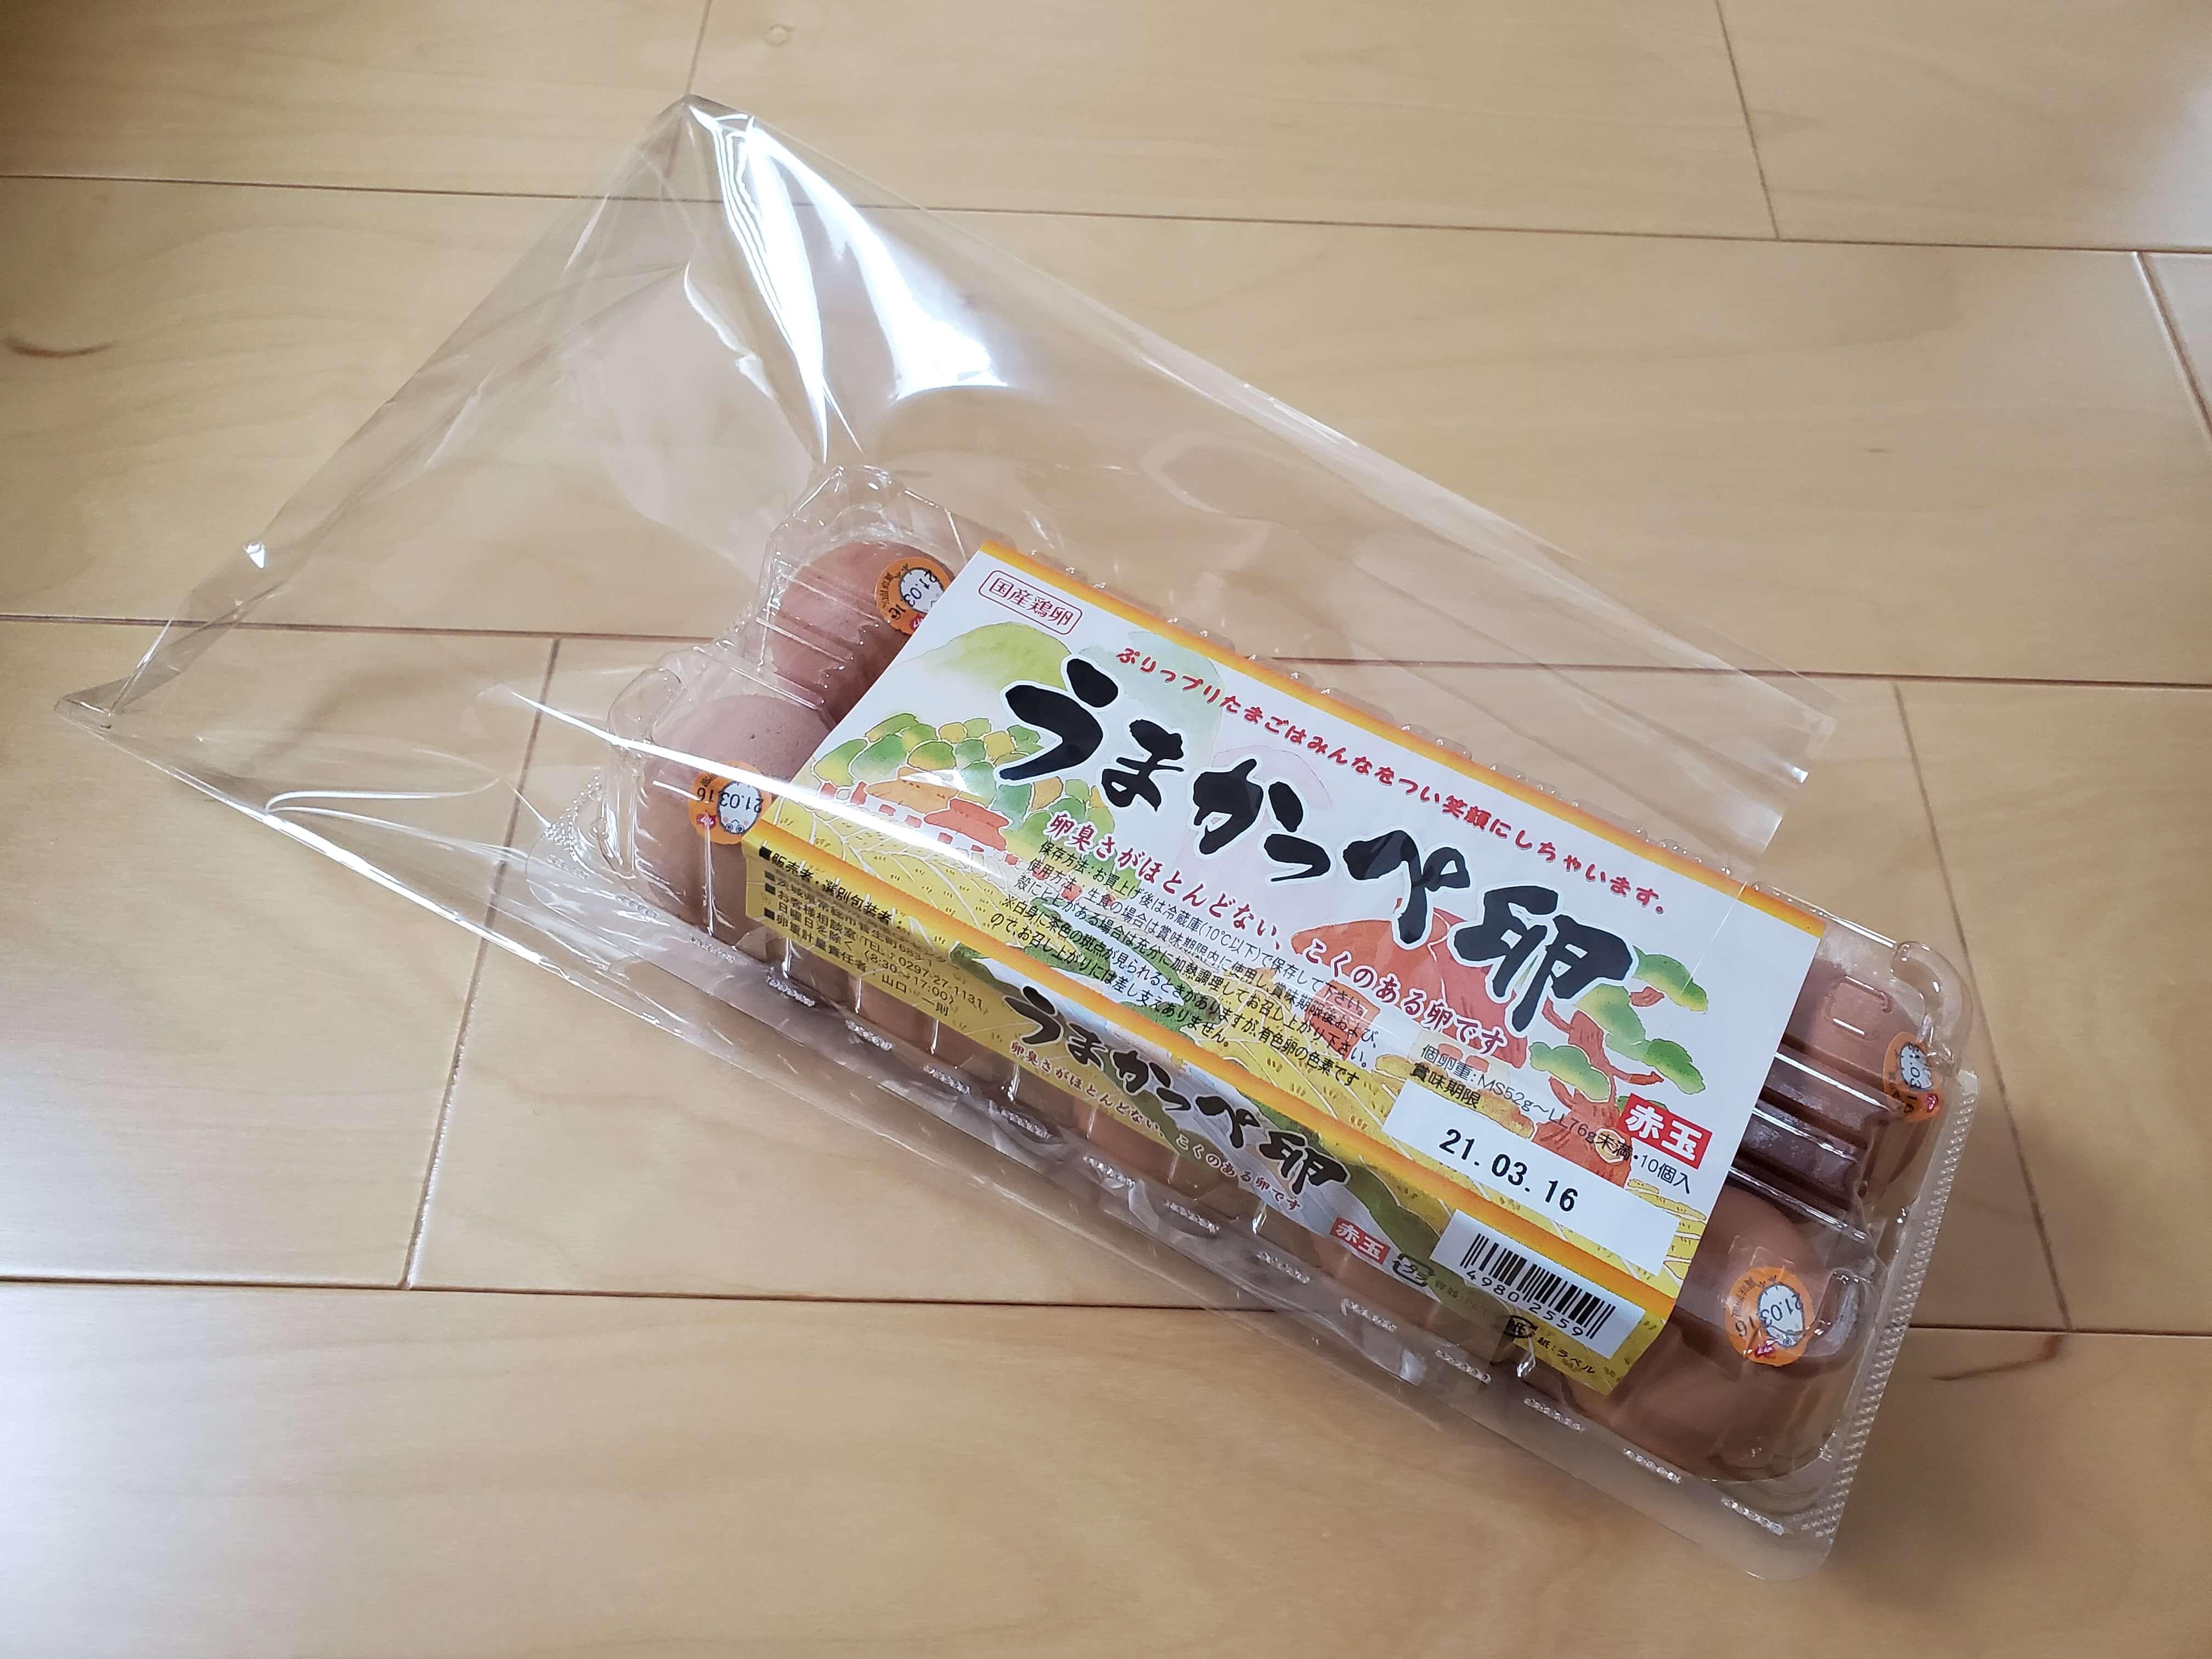 卵パックの梱包方法